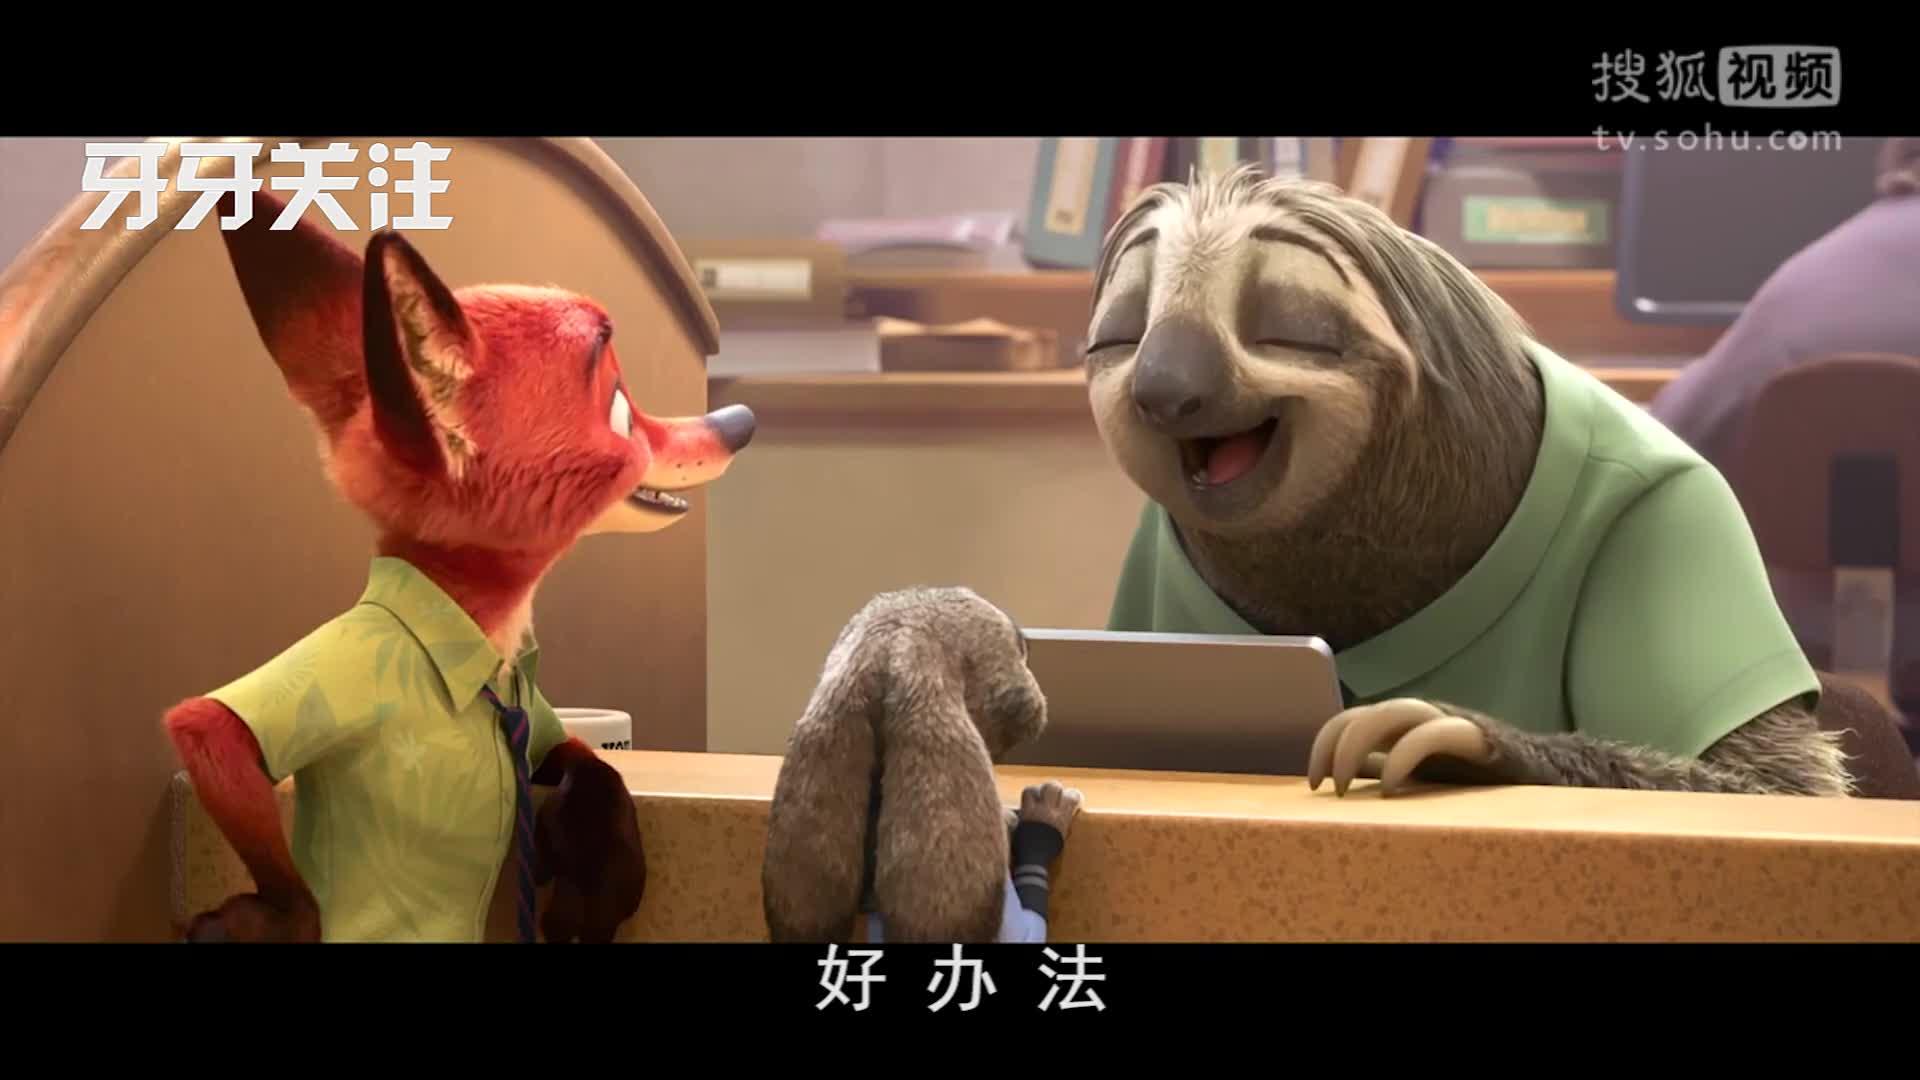 《疯狂动物城》爆笑神改编 树懒闪电办理银行业务